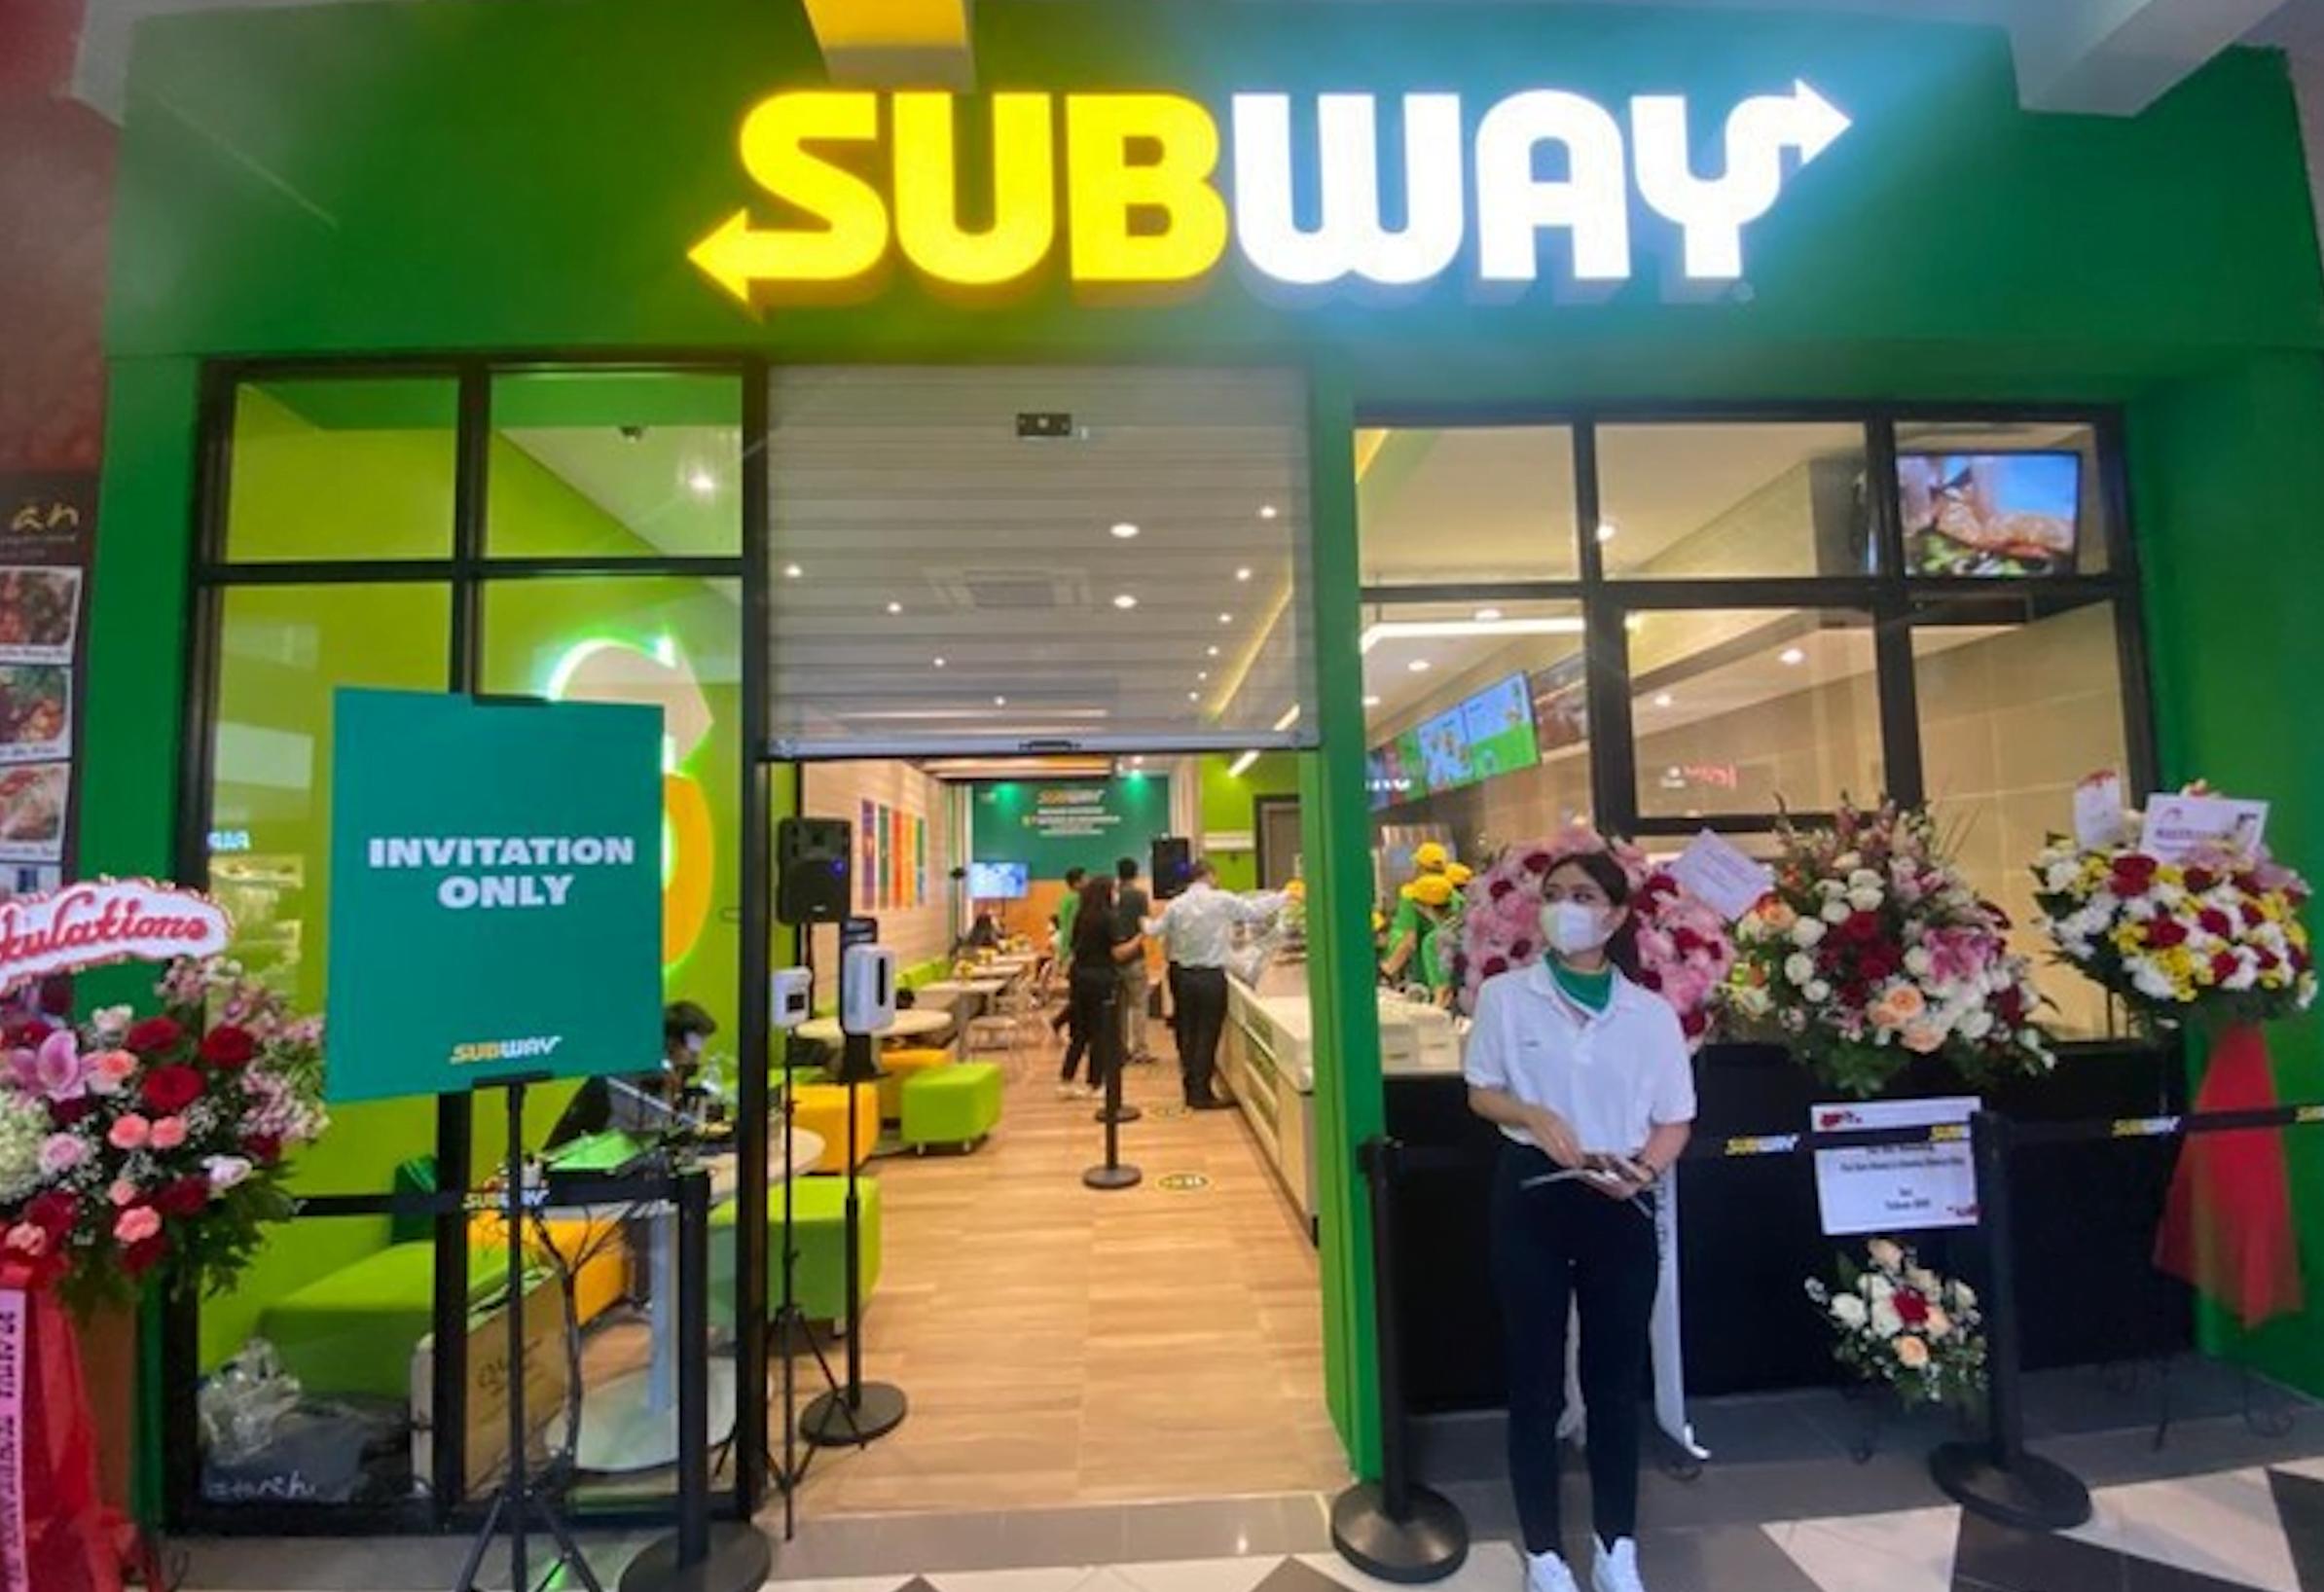 Subway Indonesia Udah Resmi Dibuka, Intip Menu dan Harganya Yuk!